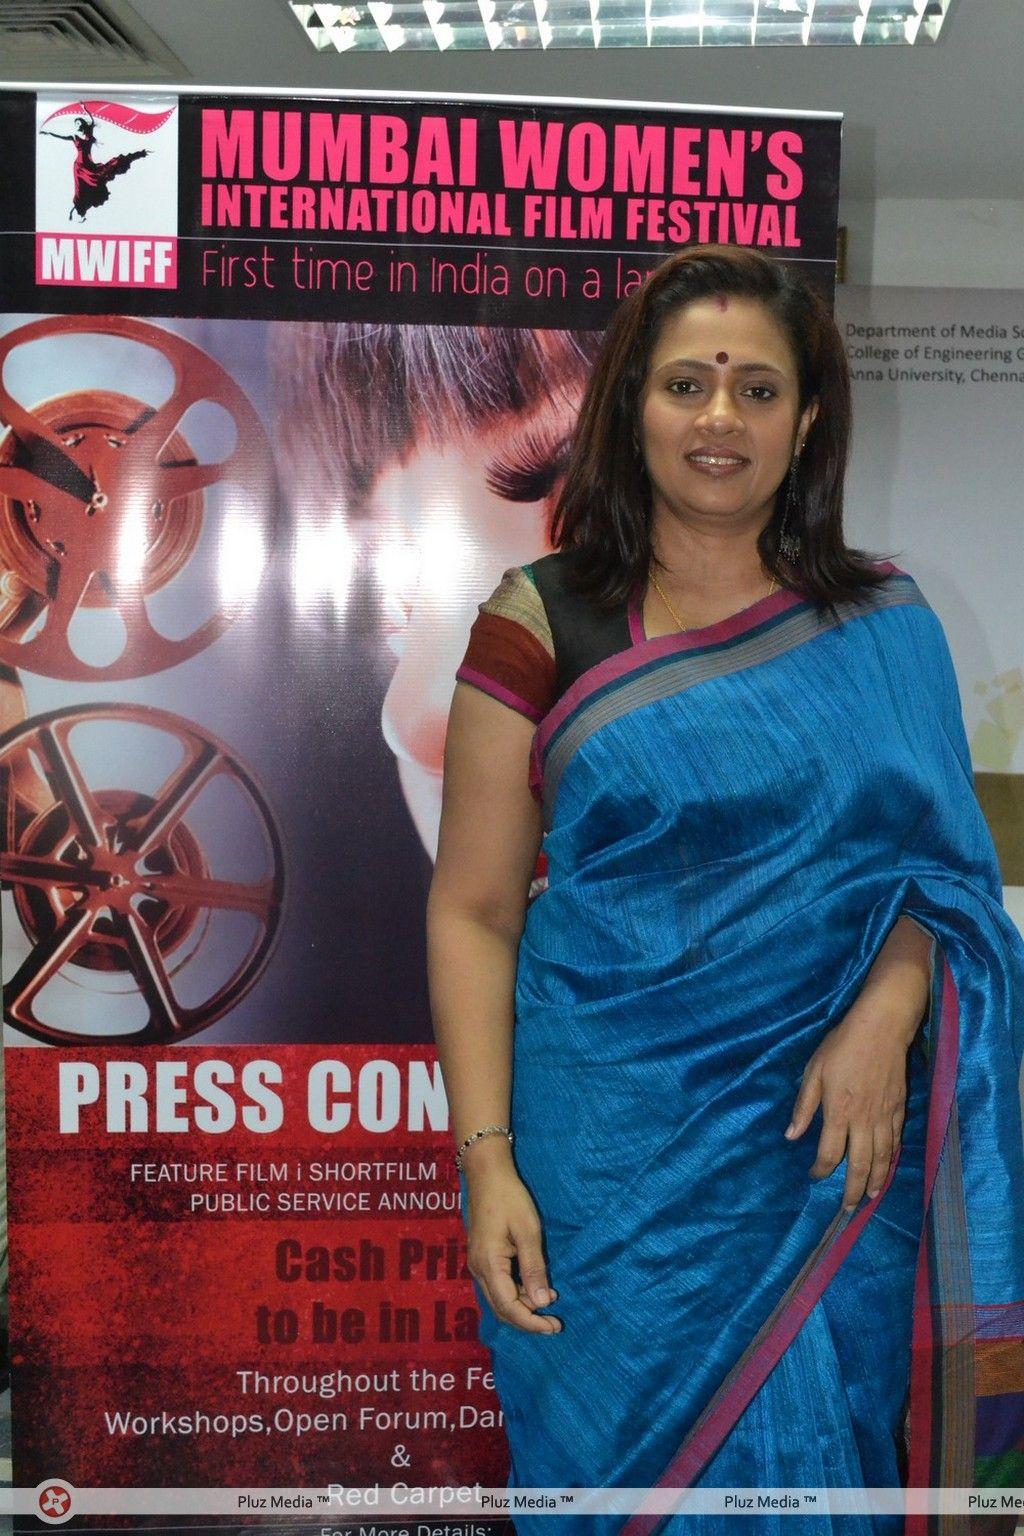 Mumbai women